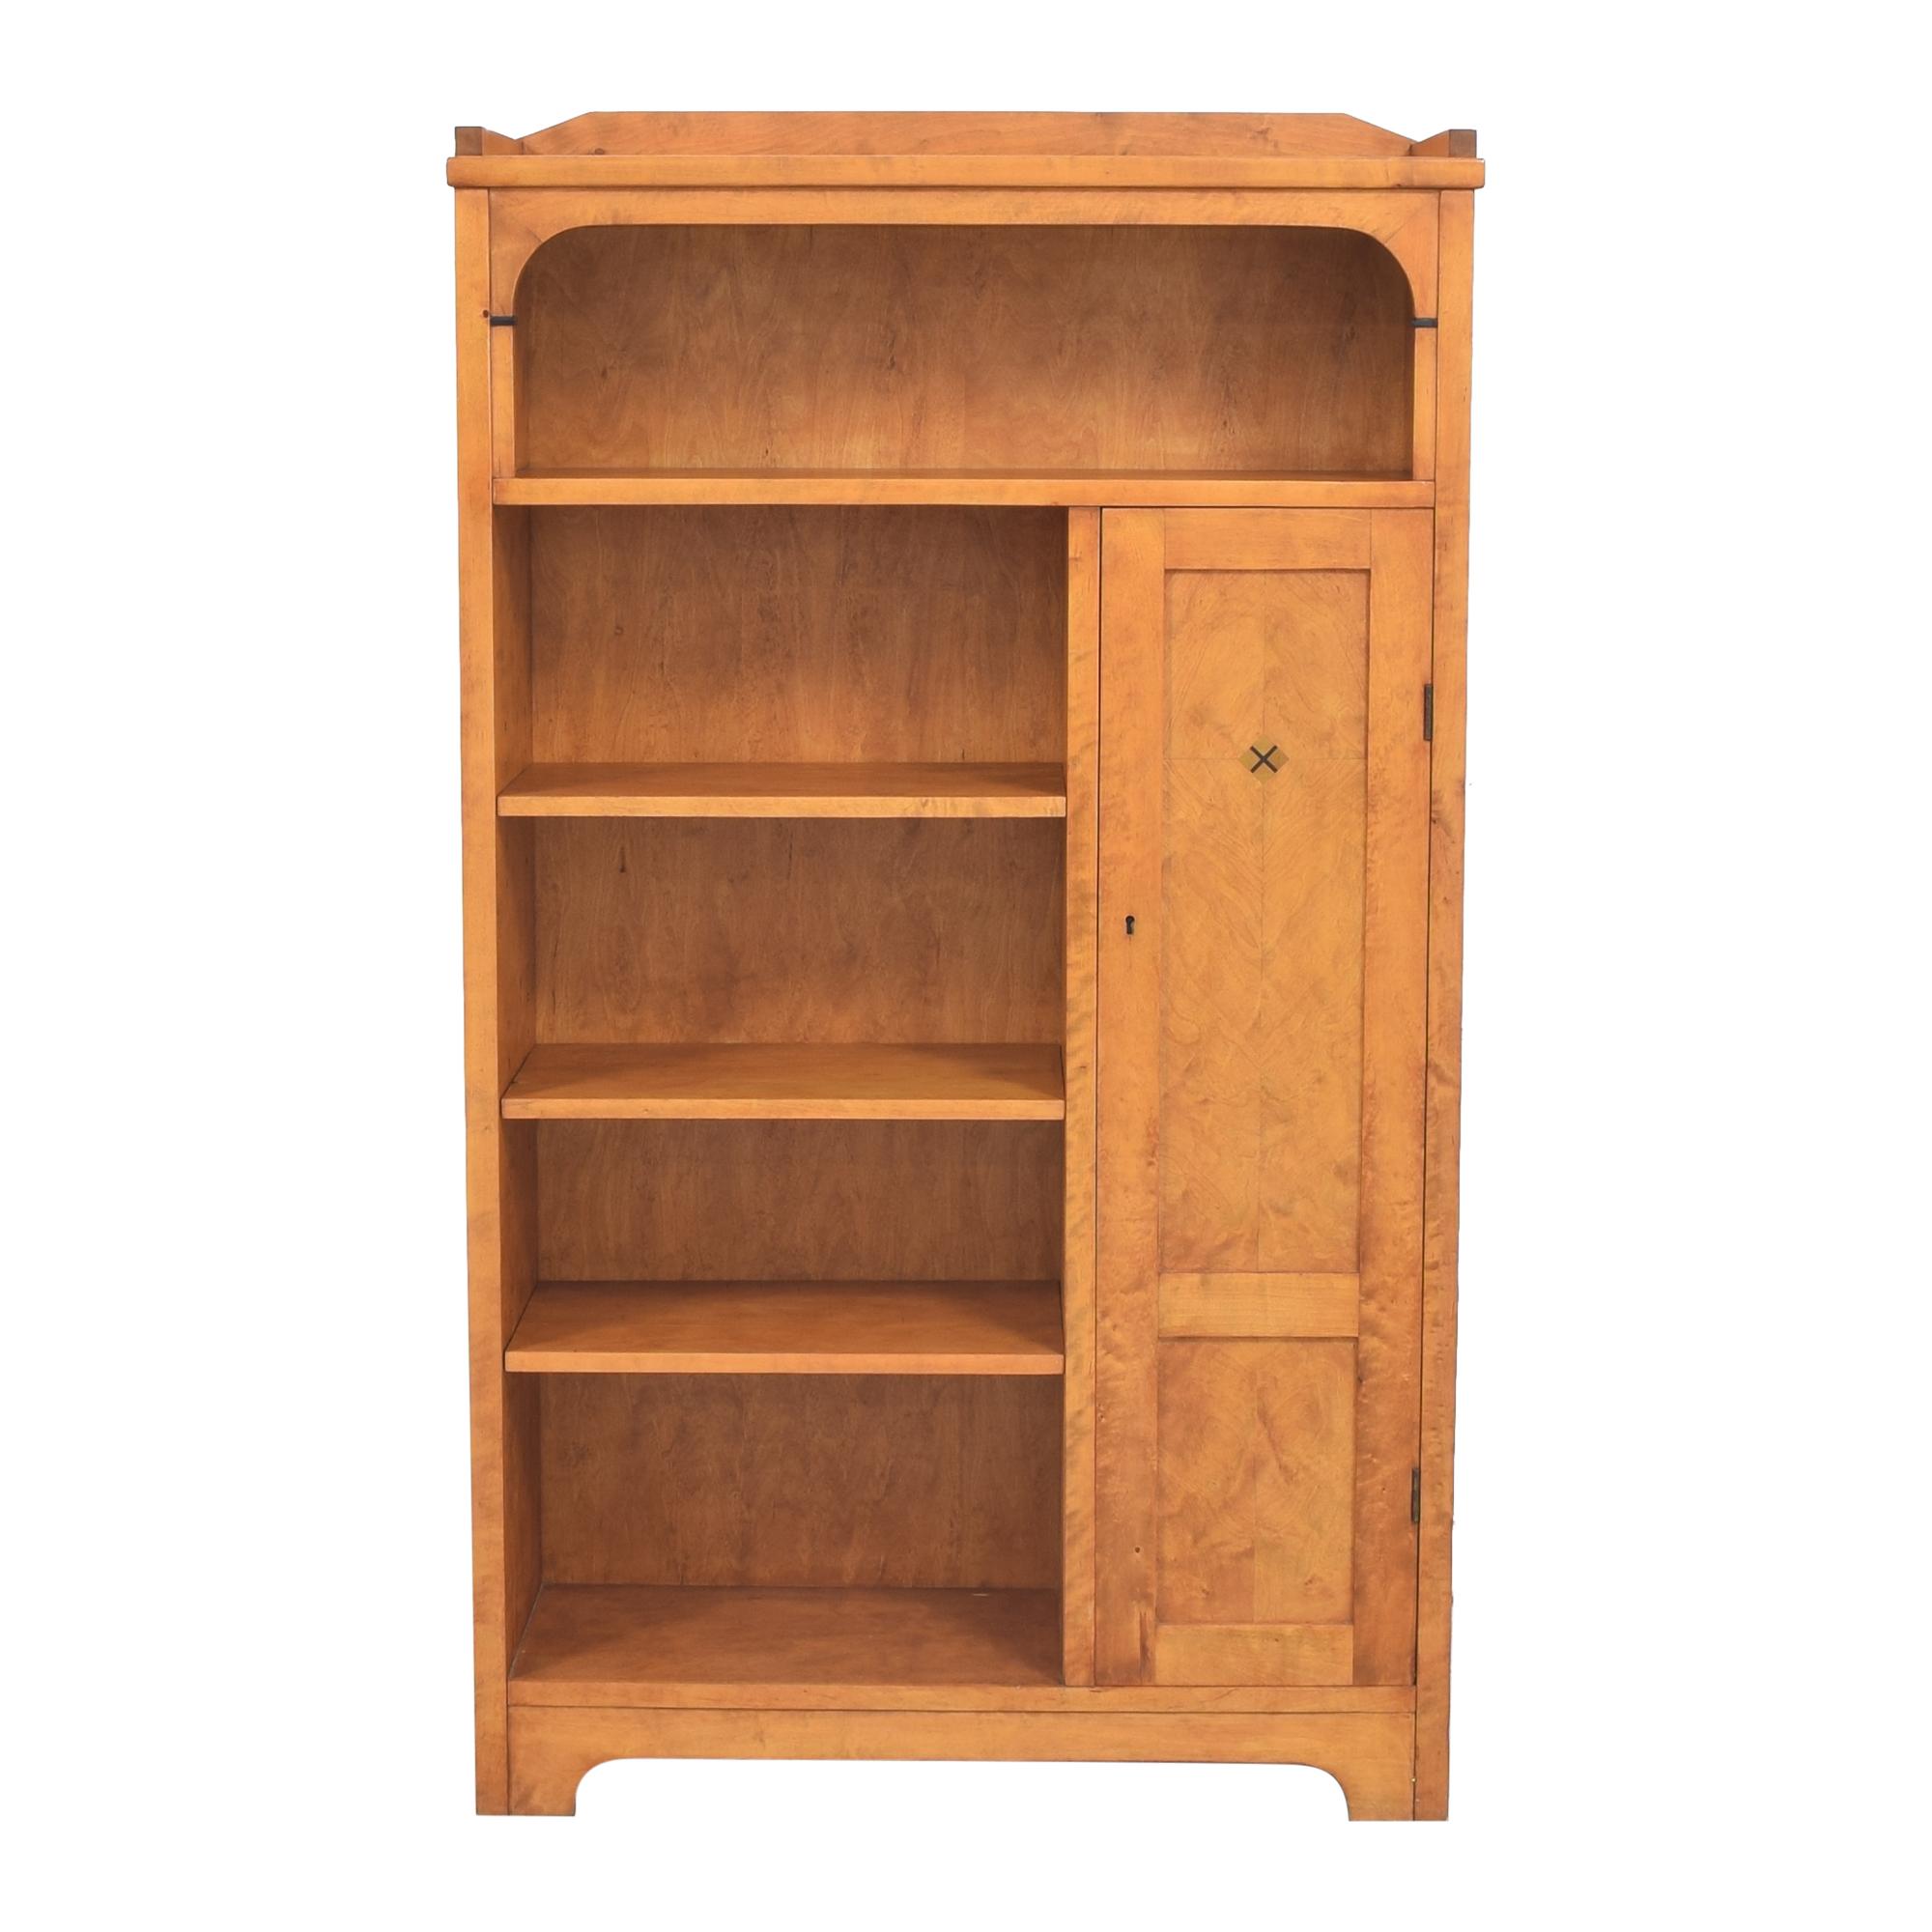 Biedermeier Biedermeier Vintage Bookcase with Cabinet brown